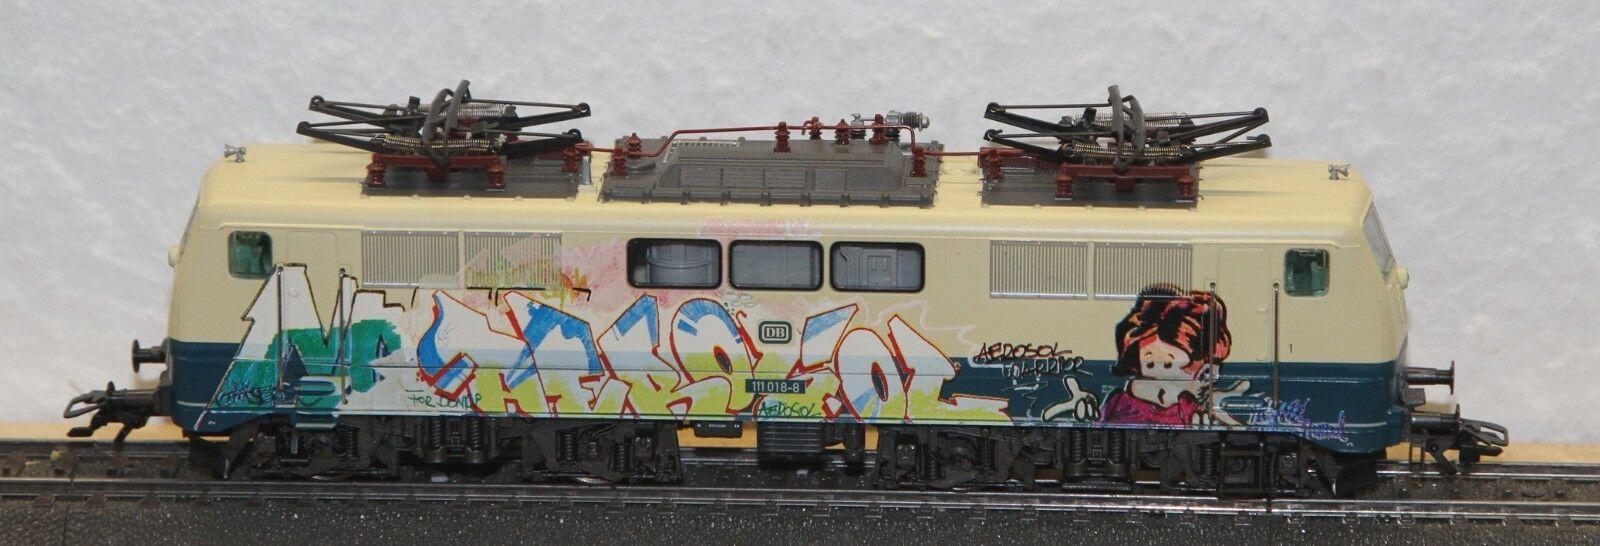 83342 E-Lok BR 111 018-8 Graffiti Edition DB, HLA decoder migliorata 6090